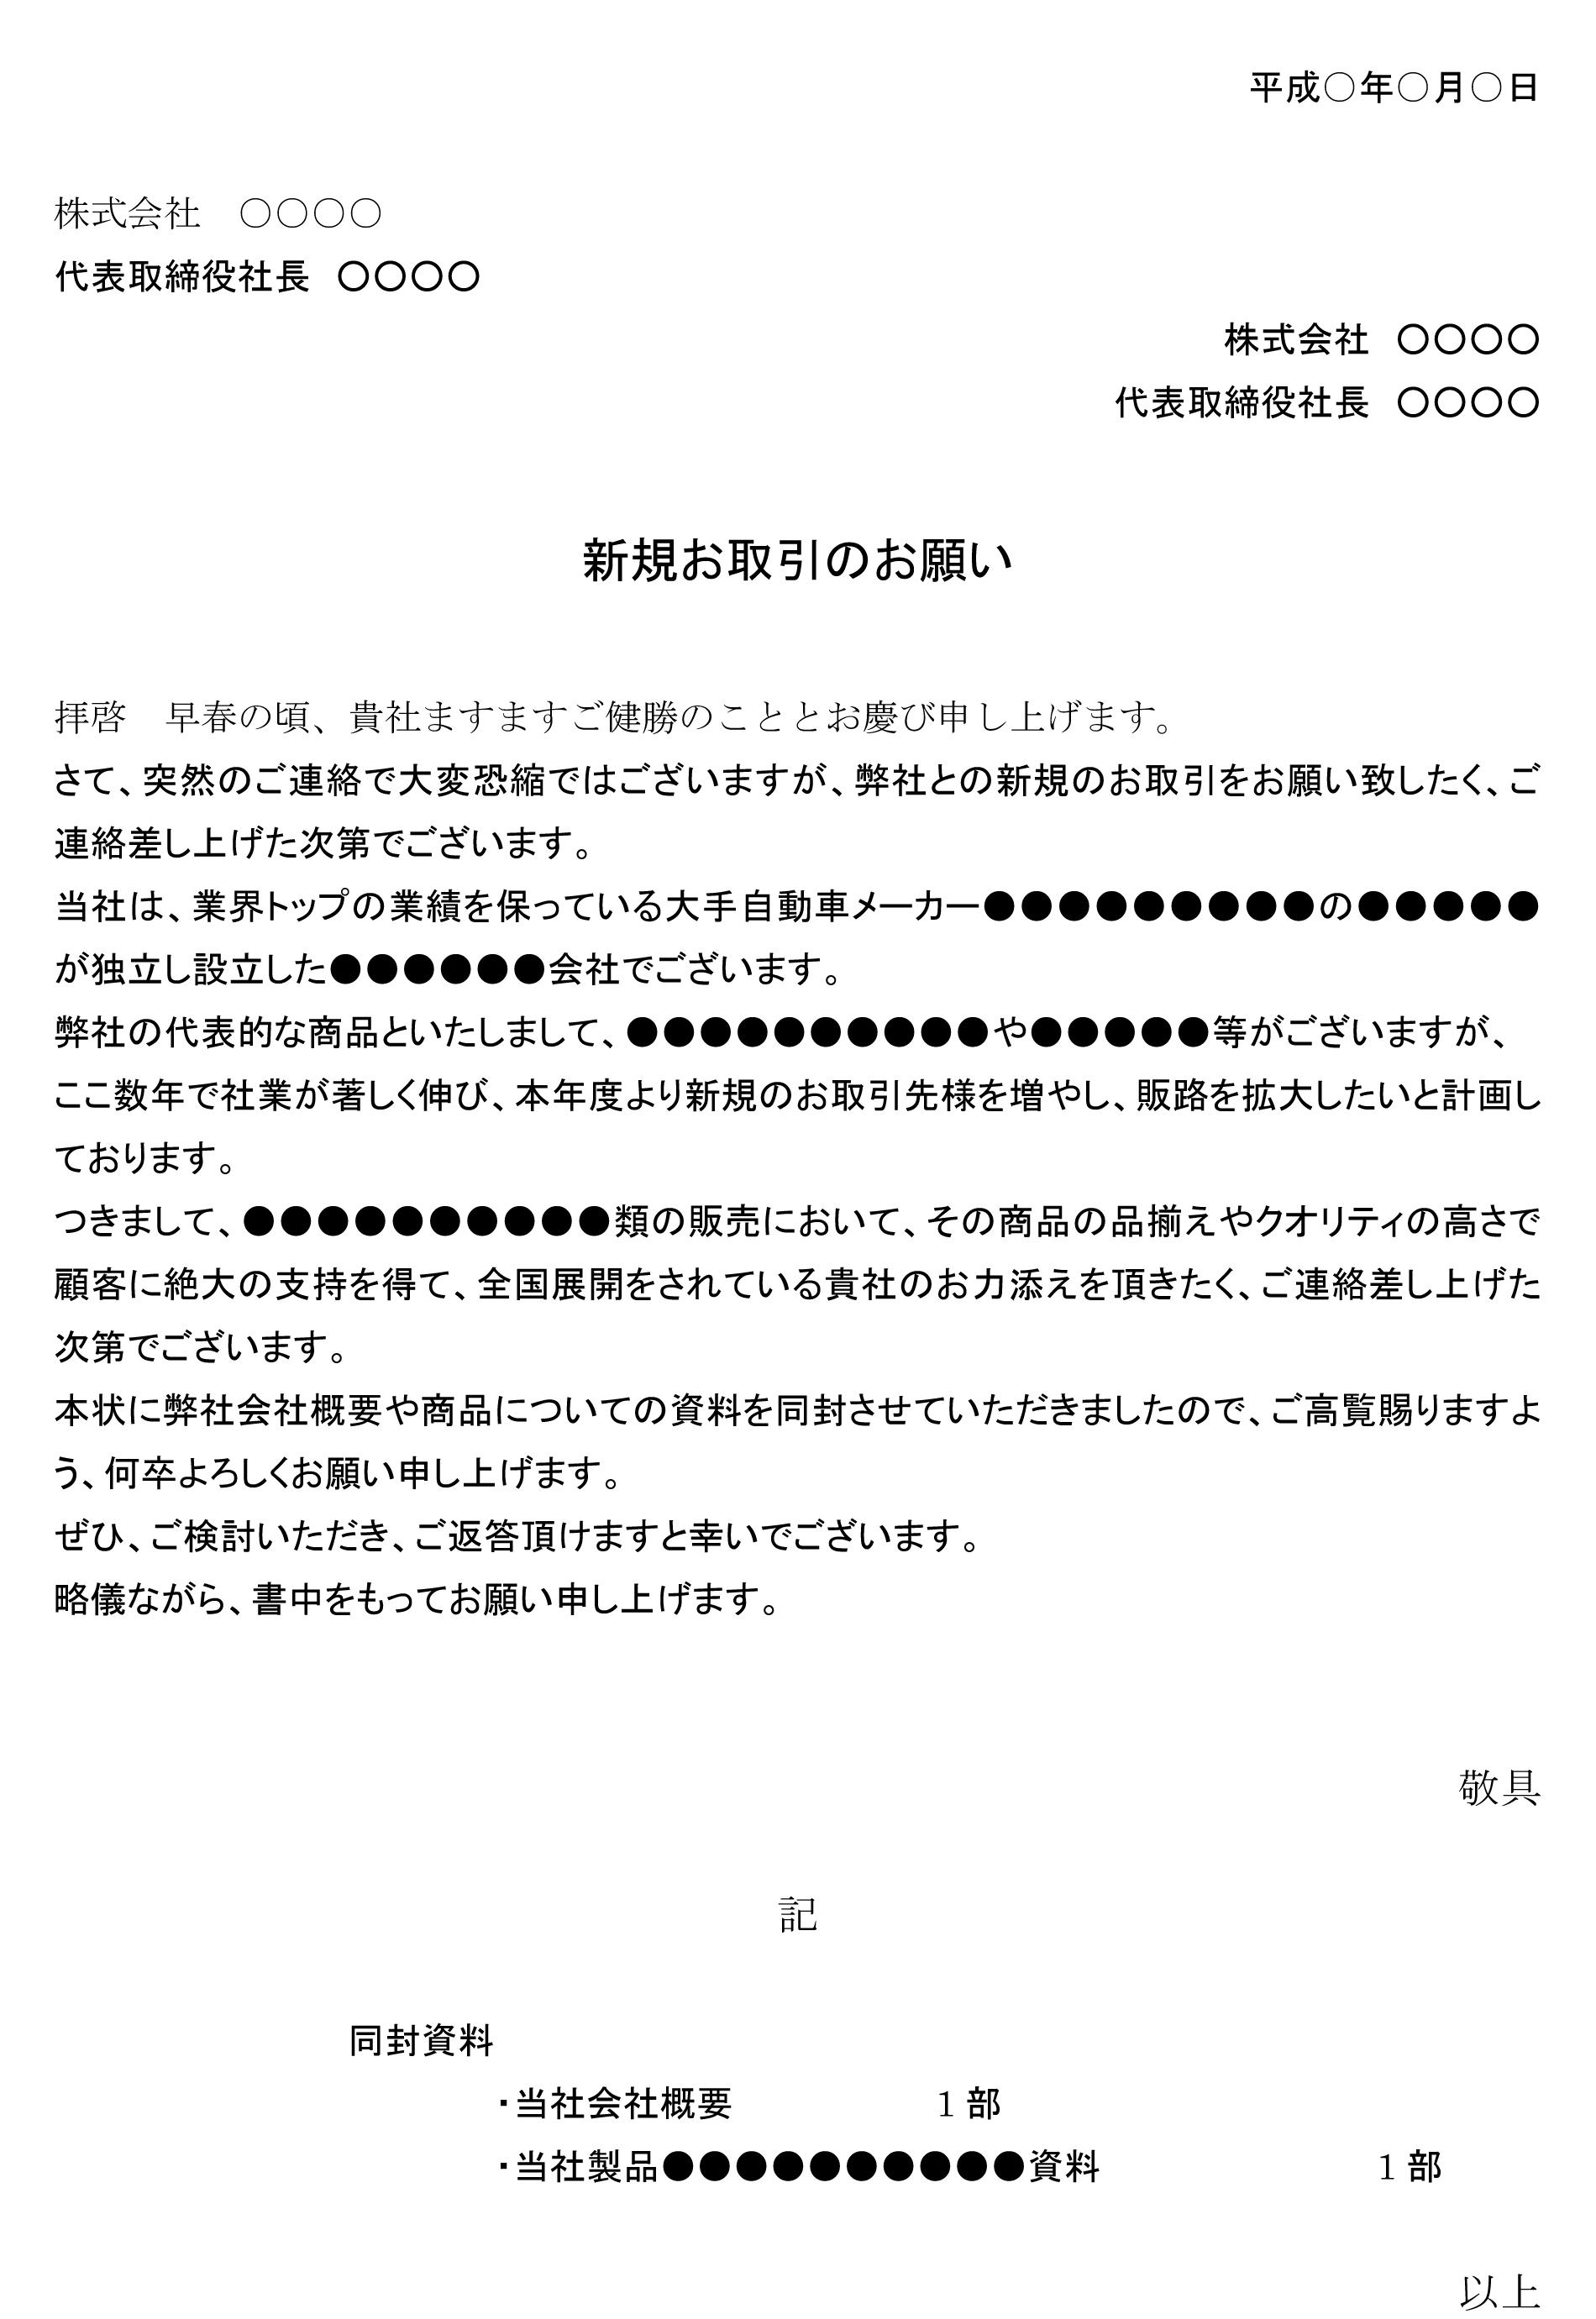 依頼状(新規取引依頼)02